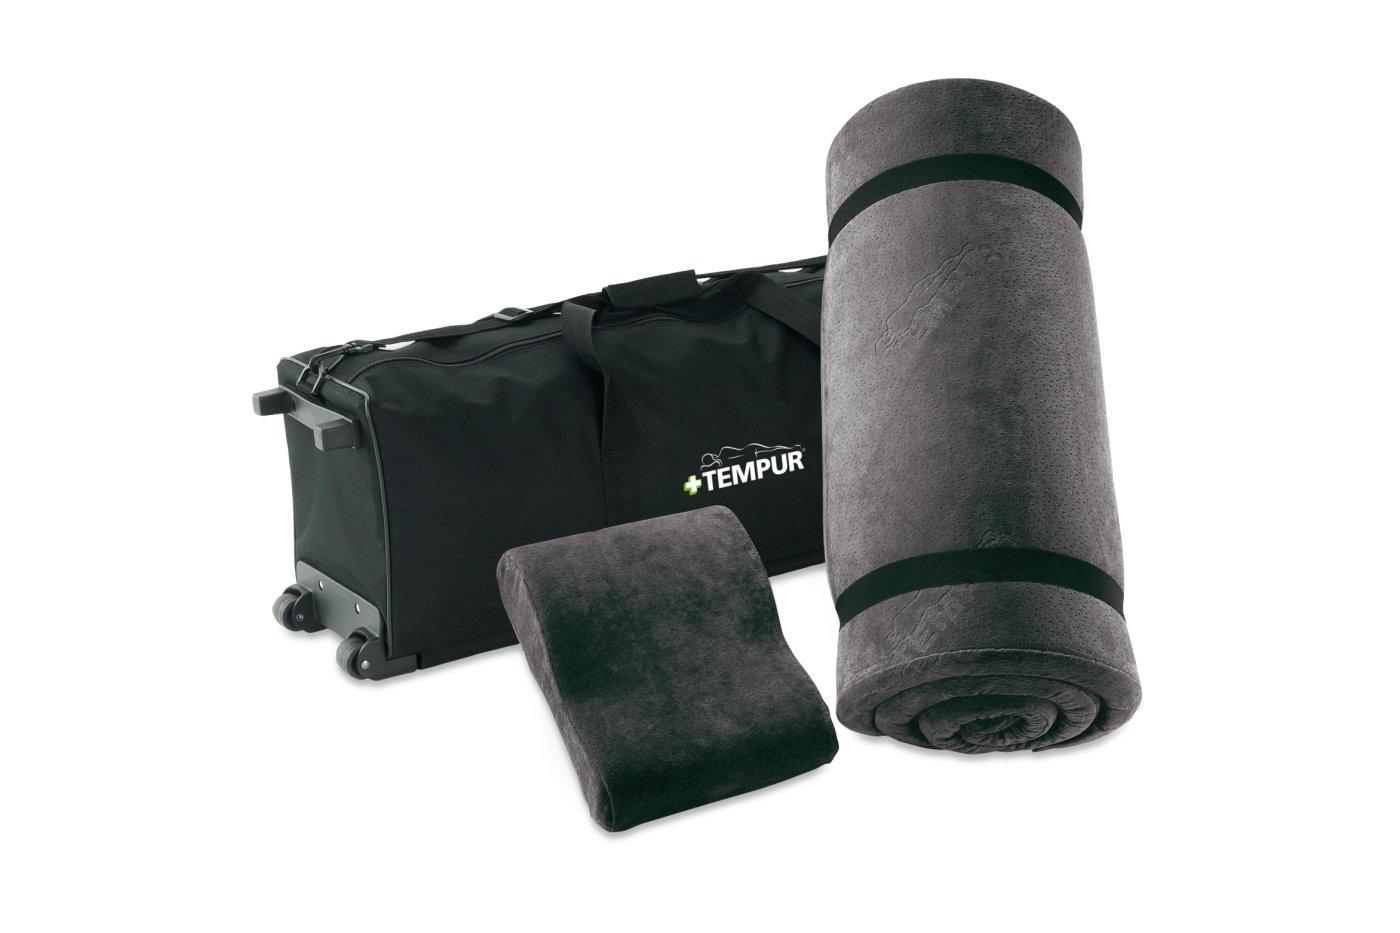 TEMPUR-matkasetti on siisti, kätevä ja helposti mukana liikuteltava matkakokonaisuus, jossa on kaikki mitä tavitset tilapäiseen nukkumisergonomian parantamiseen. Kokonaisuus sisältää TEMPUR-sijauspatjan (70x200x3,5 cm) ja matkatyynyn (Original M, 25 cm kapeana). Kulkee kevyesti vetokahvalla ja pyörillä.